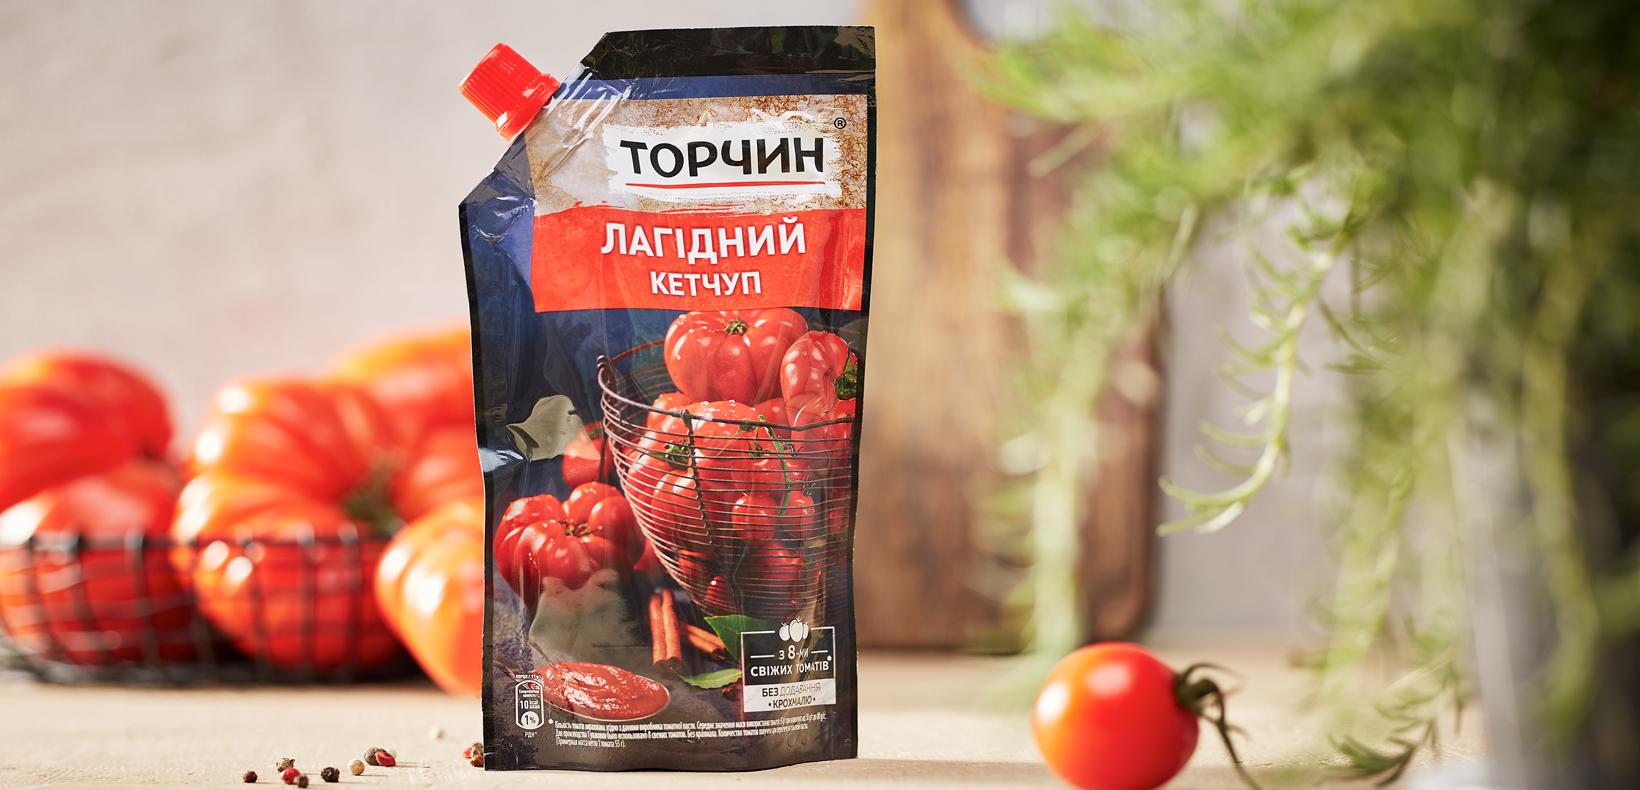 """упаковка кетчуп """"Торчин"""" лагидный"""